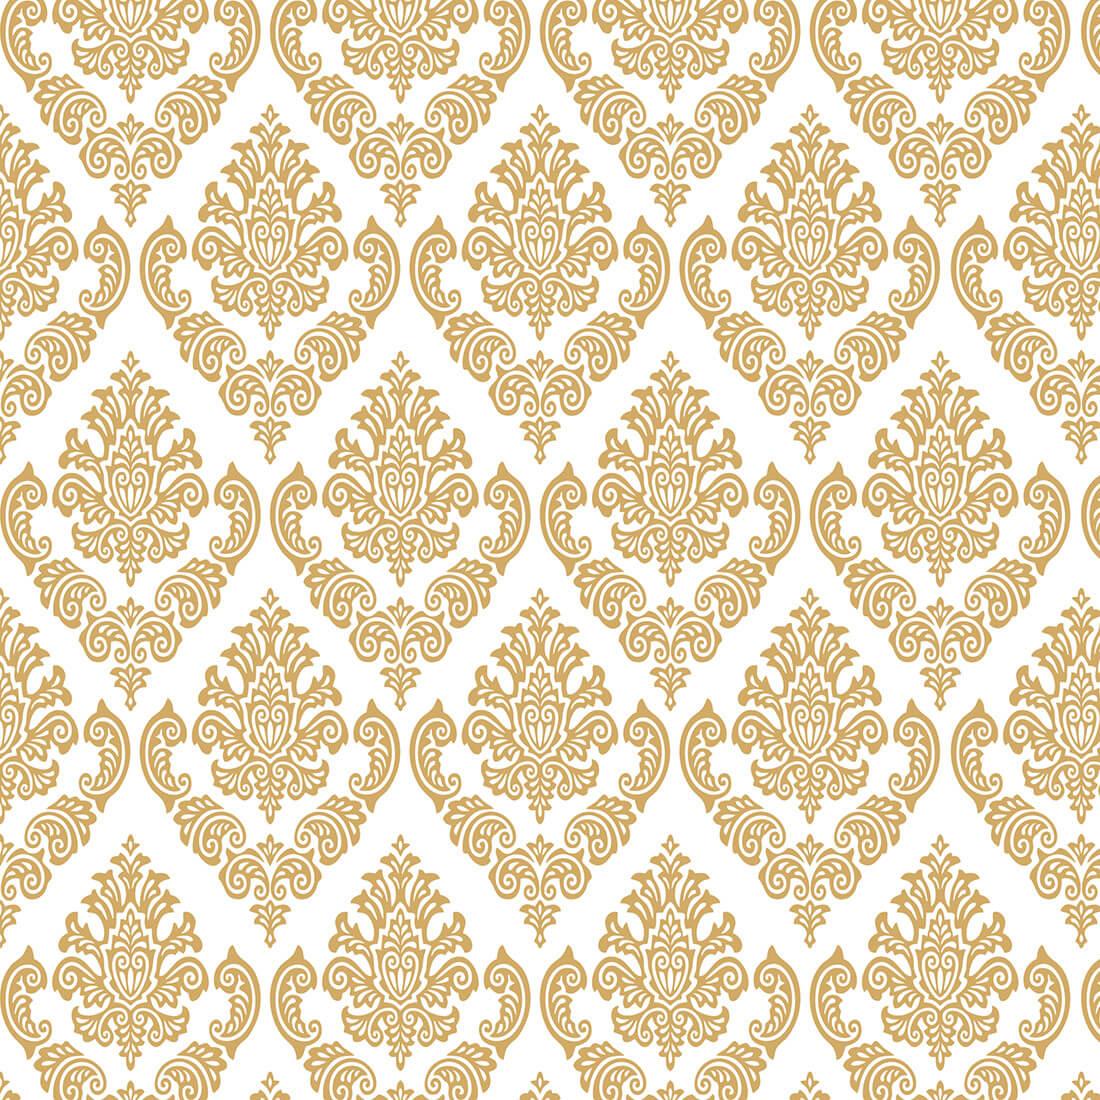 Papel de Parede Arabesco Jacquard Dourado Sobre Branco